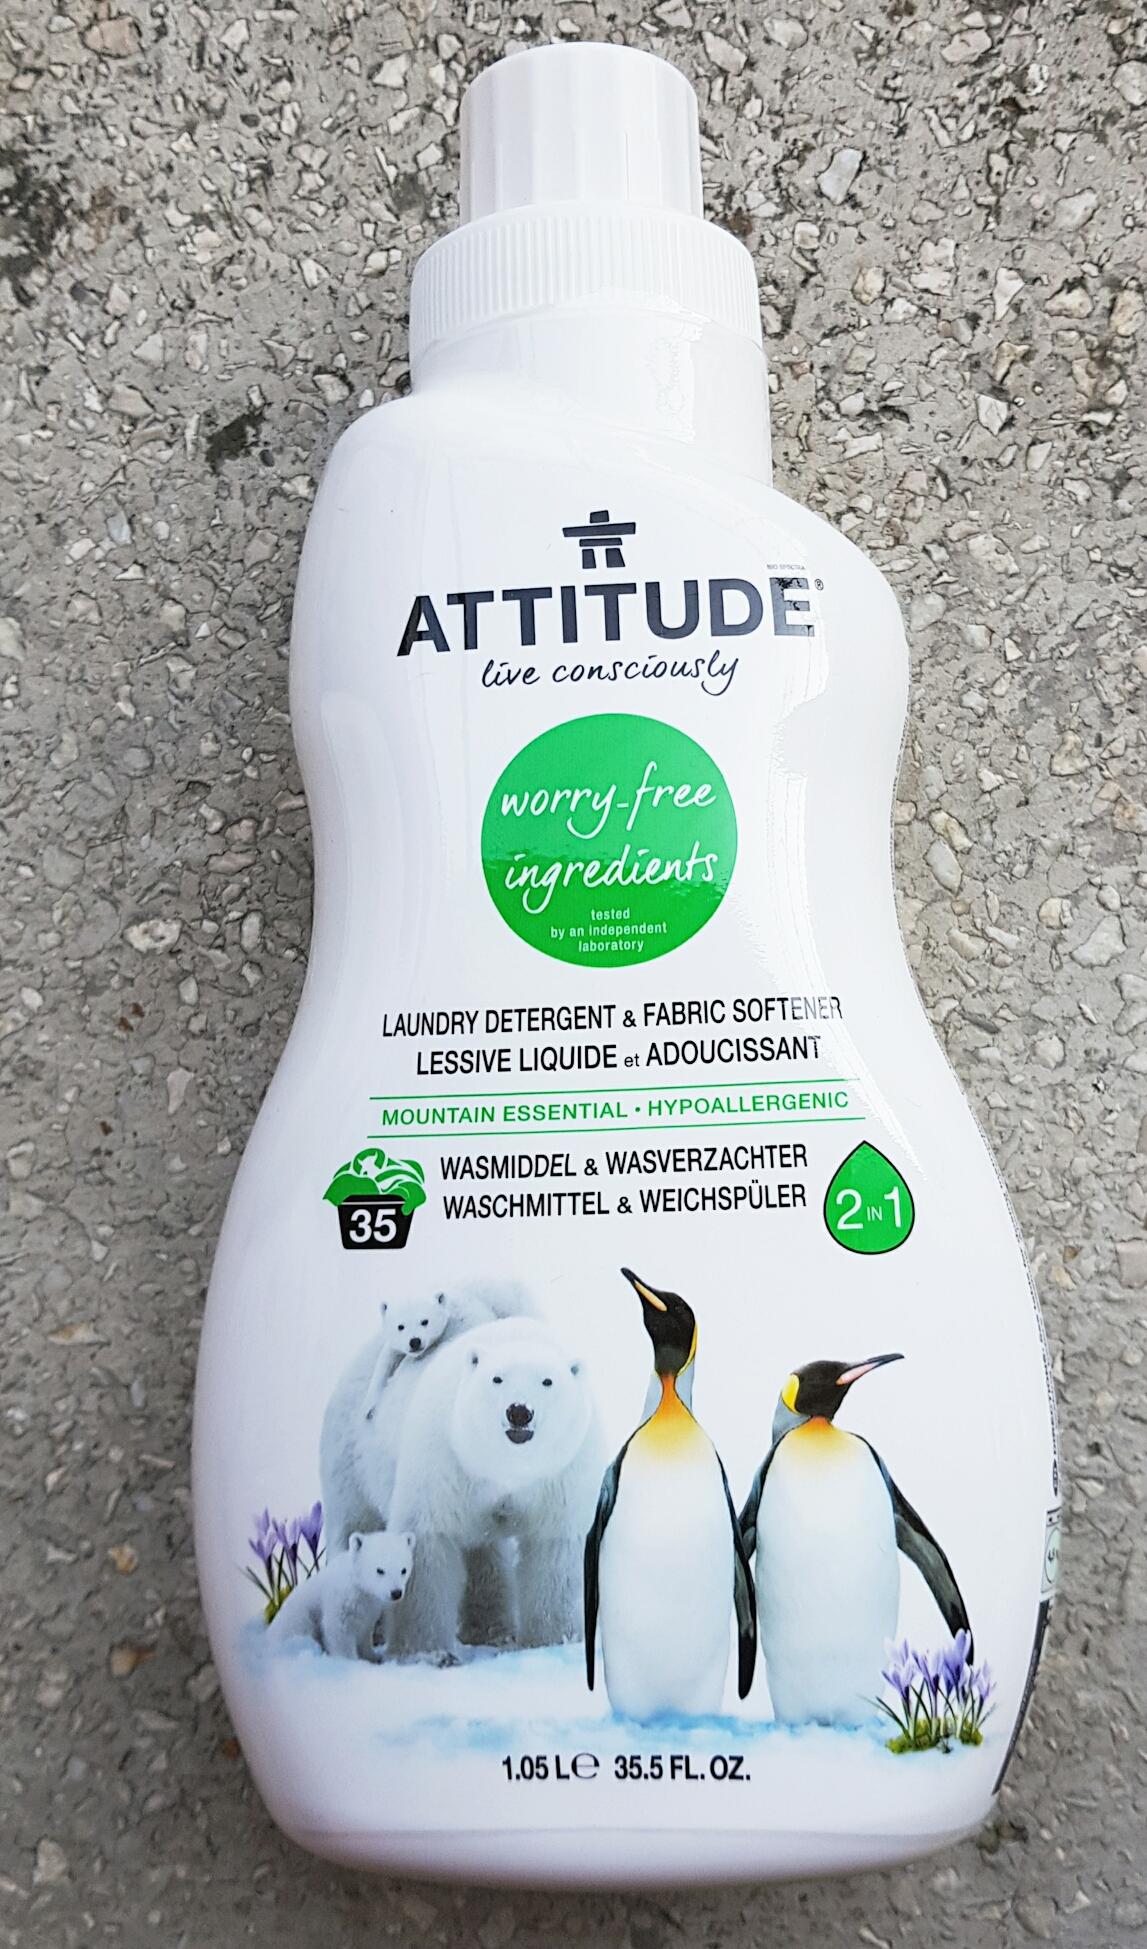 2 în 1: Detergent lichid și balsam de rufe cu aromă montană Attitude vegan Cruelty-free ecologo